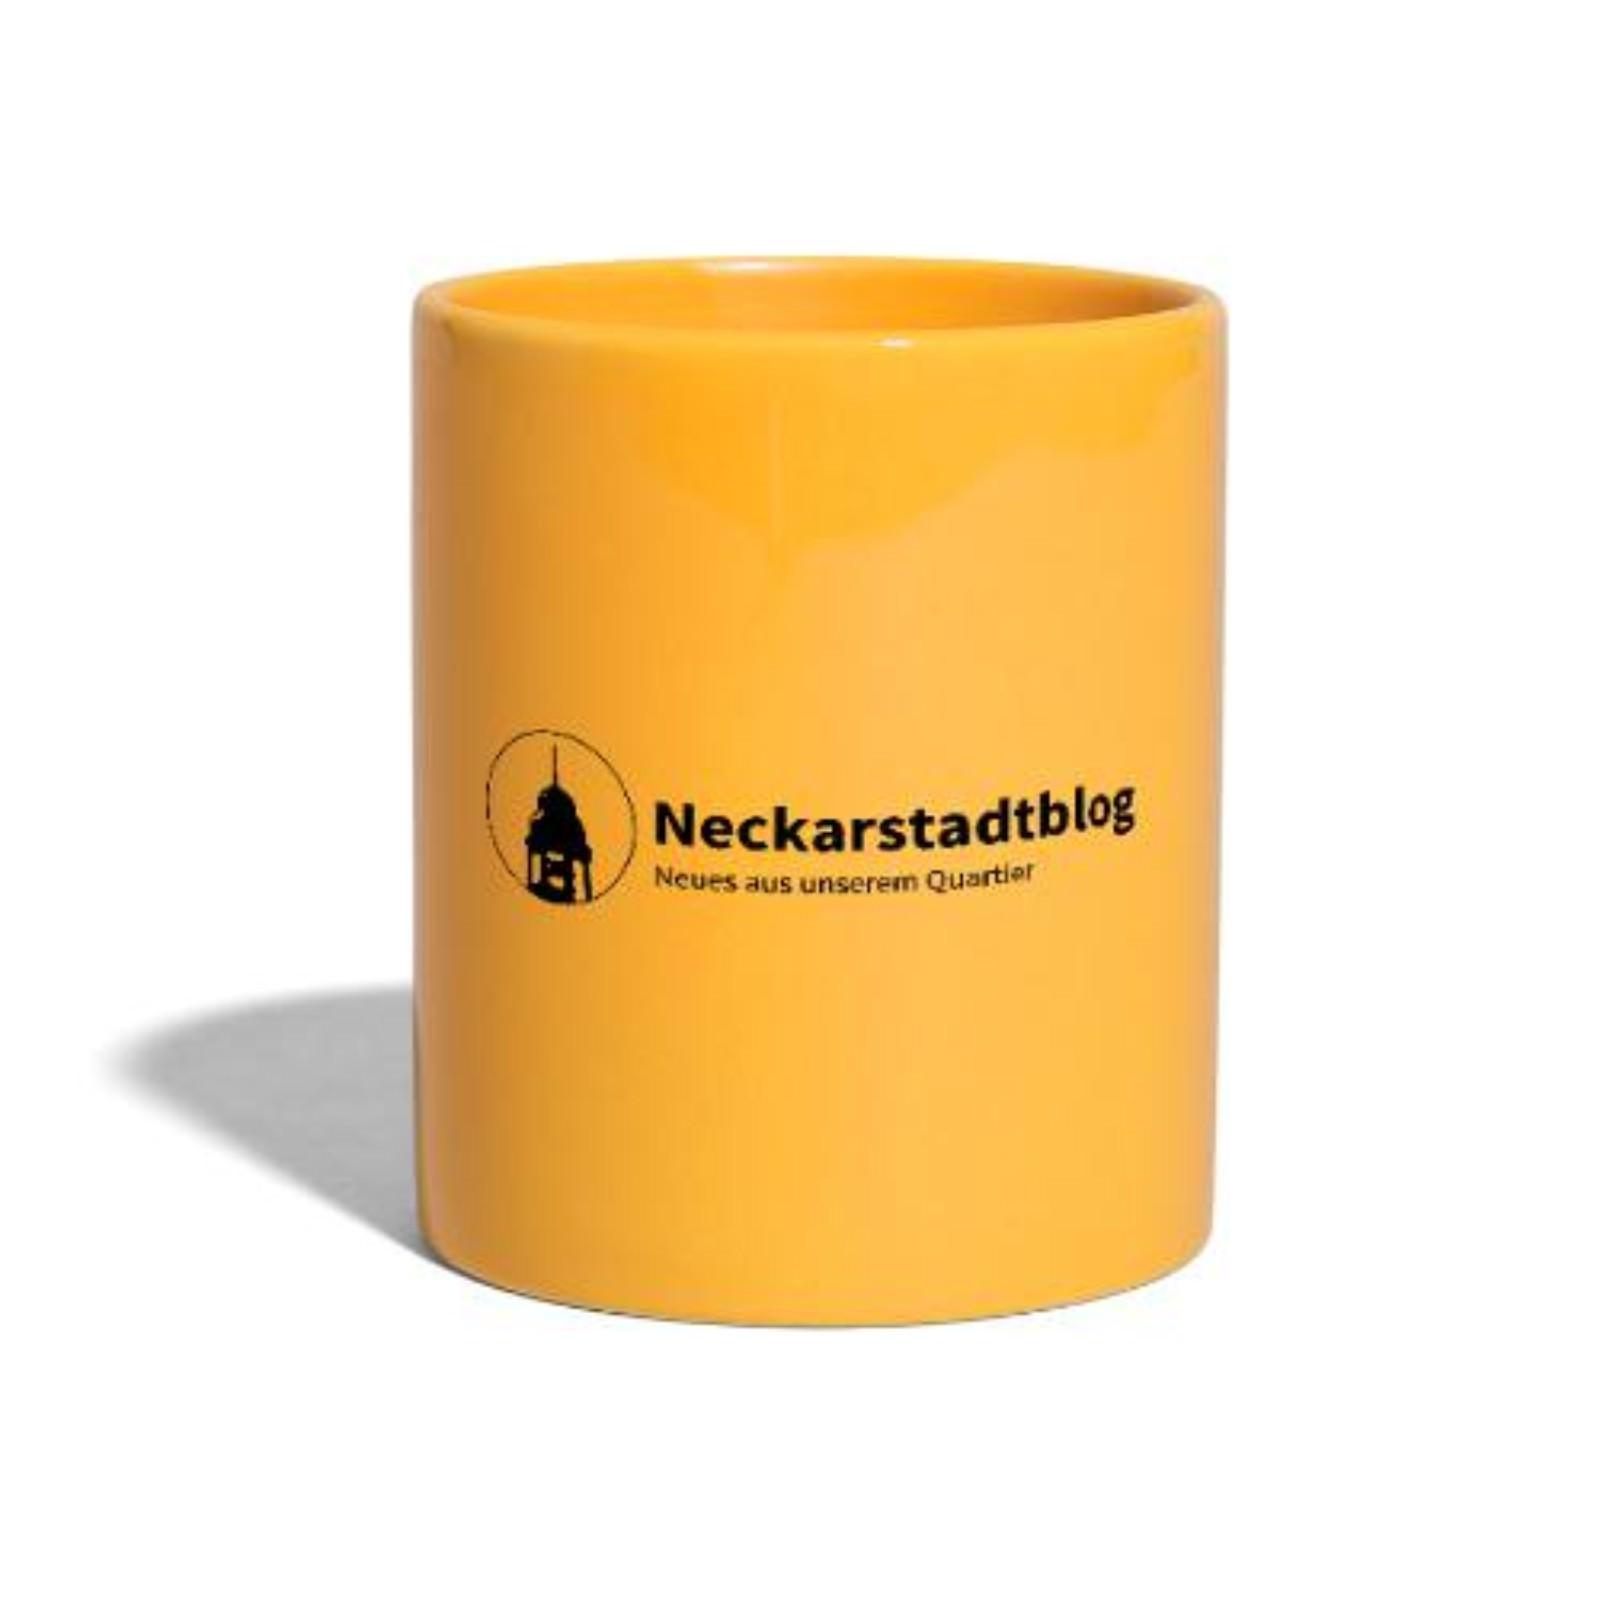 neckarstadtblog-logo-claim-tasse-einfarbig